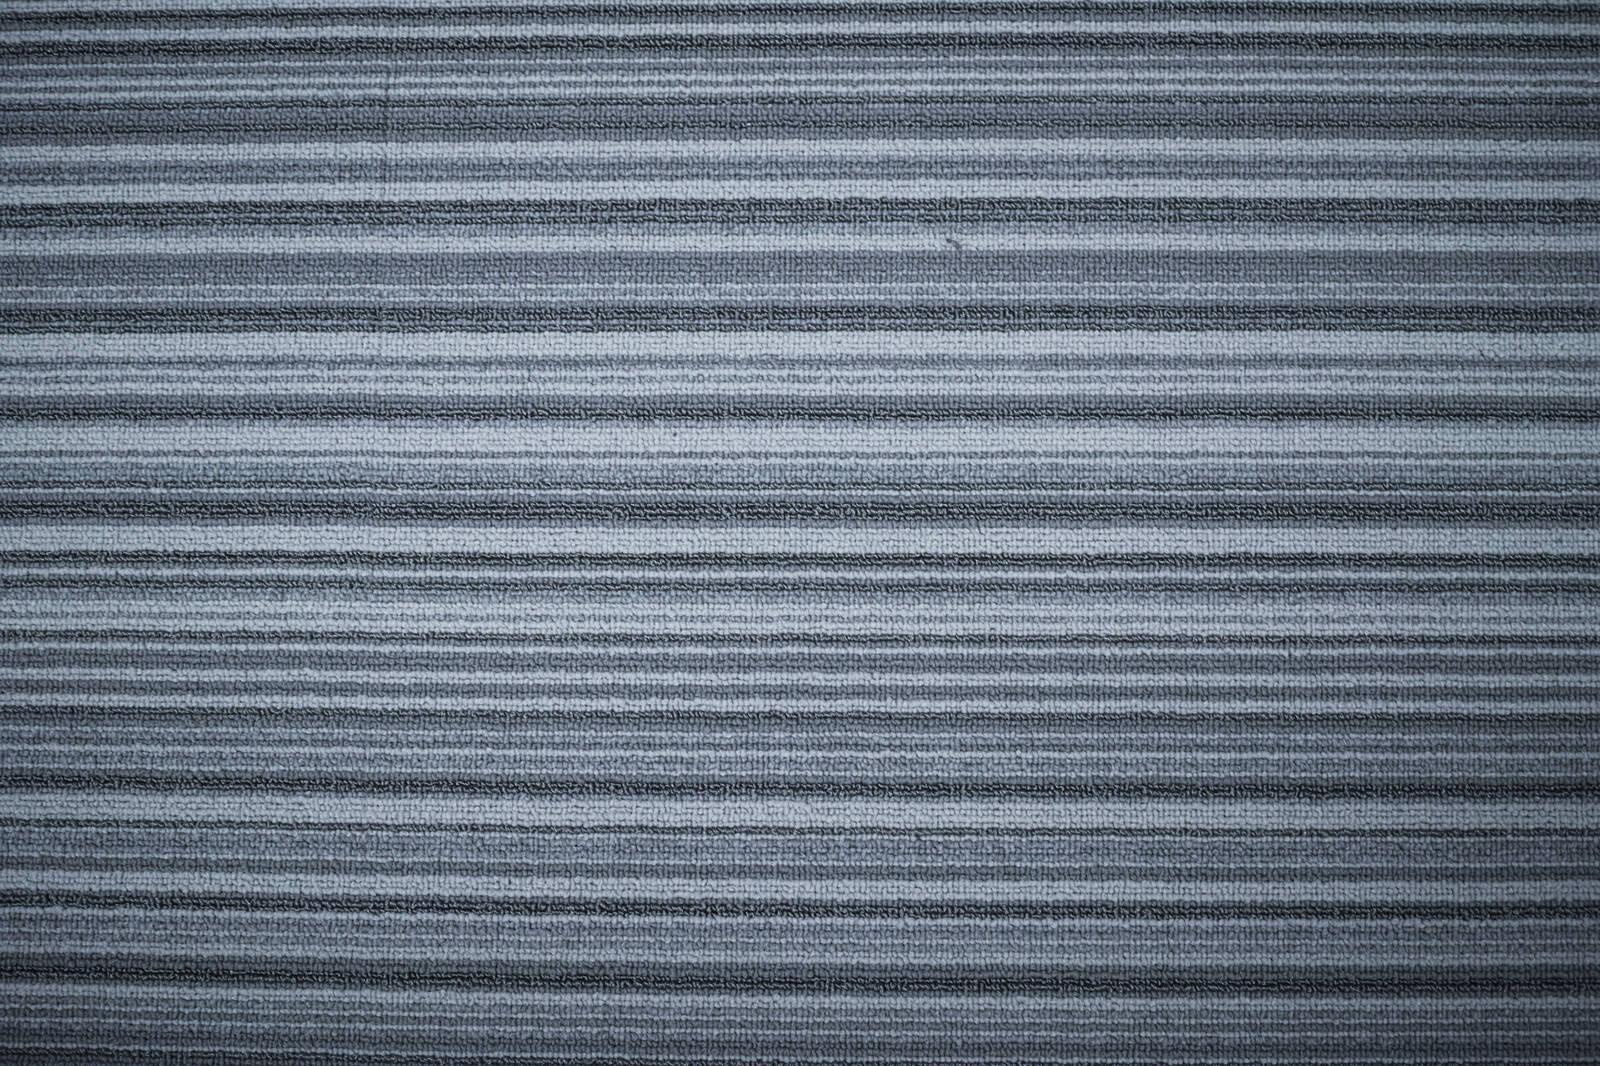 「縦模様のカーペット(テクスチャ)」の写真